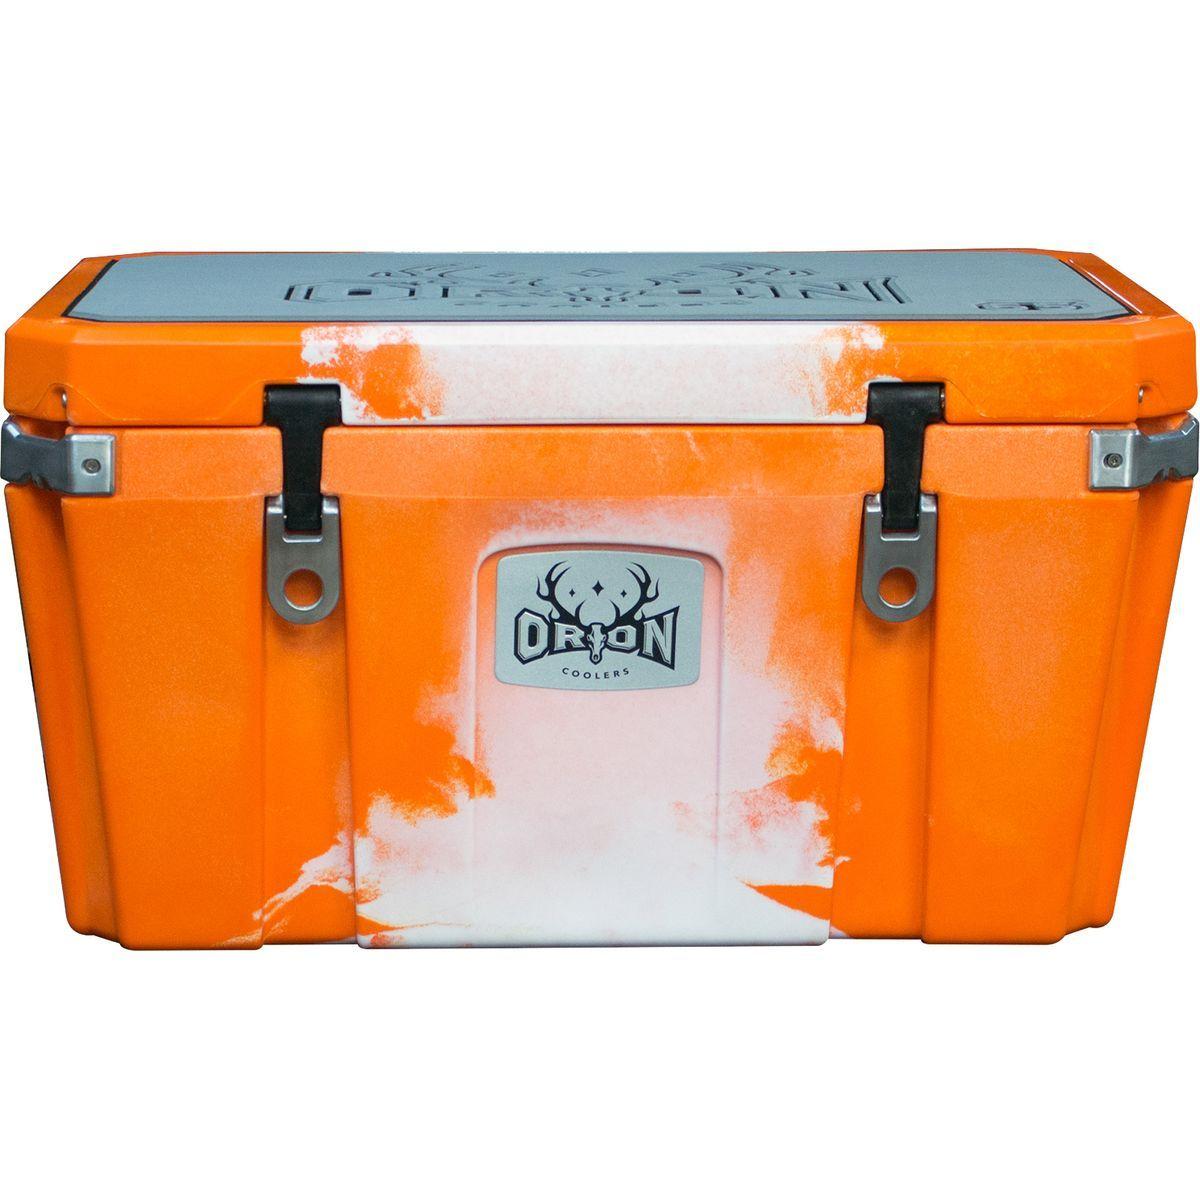 Orion 65 Cooler Cooler, Kayak storage, Orion